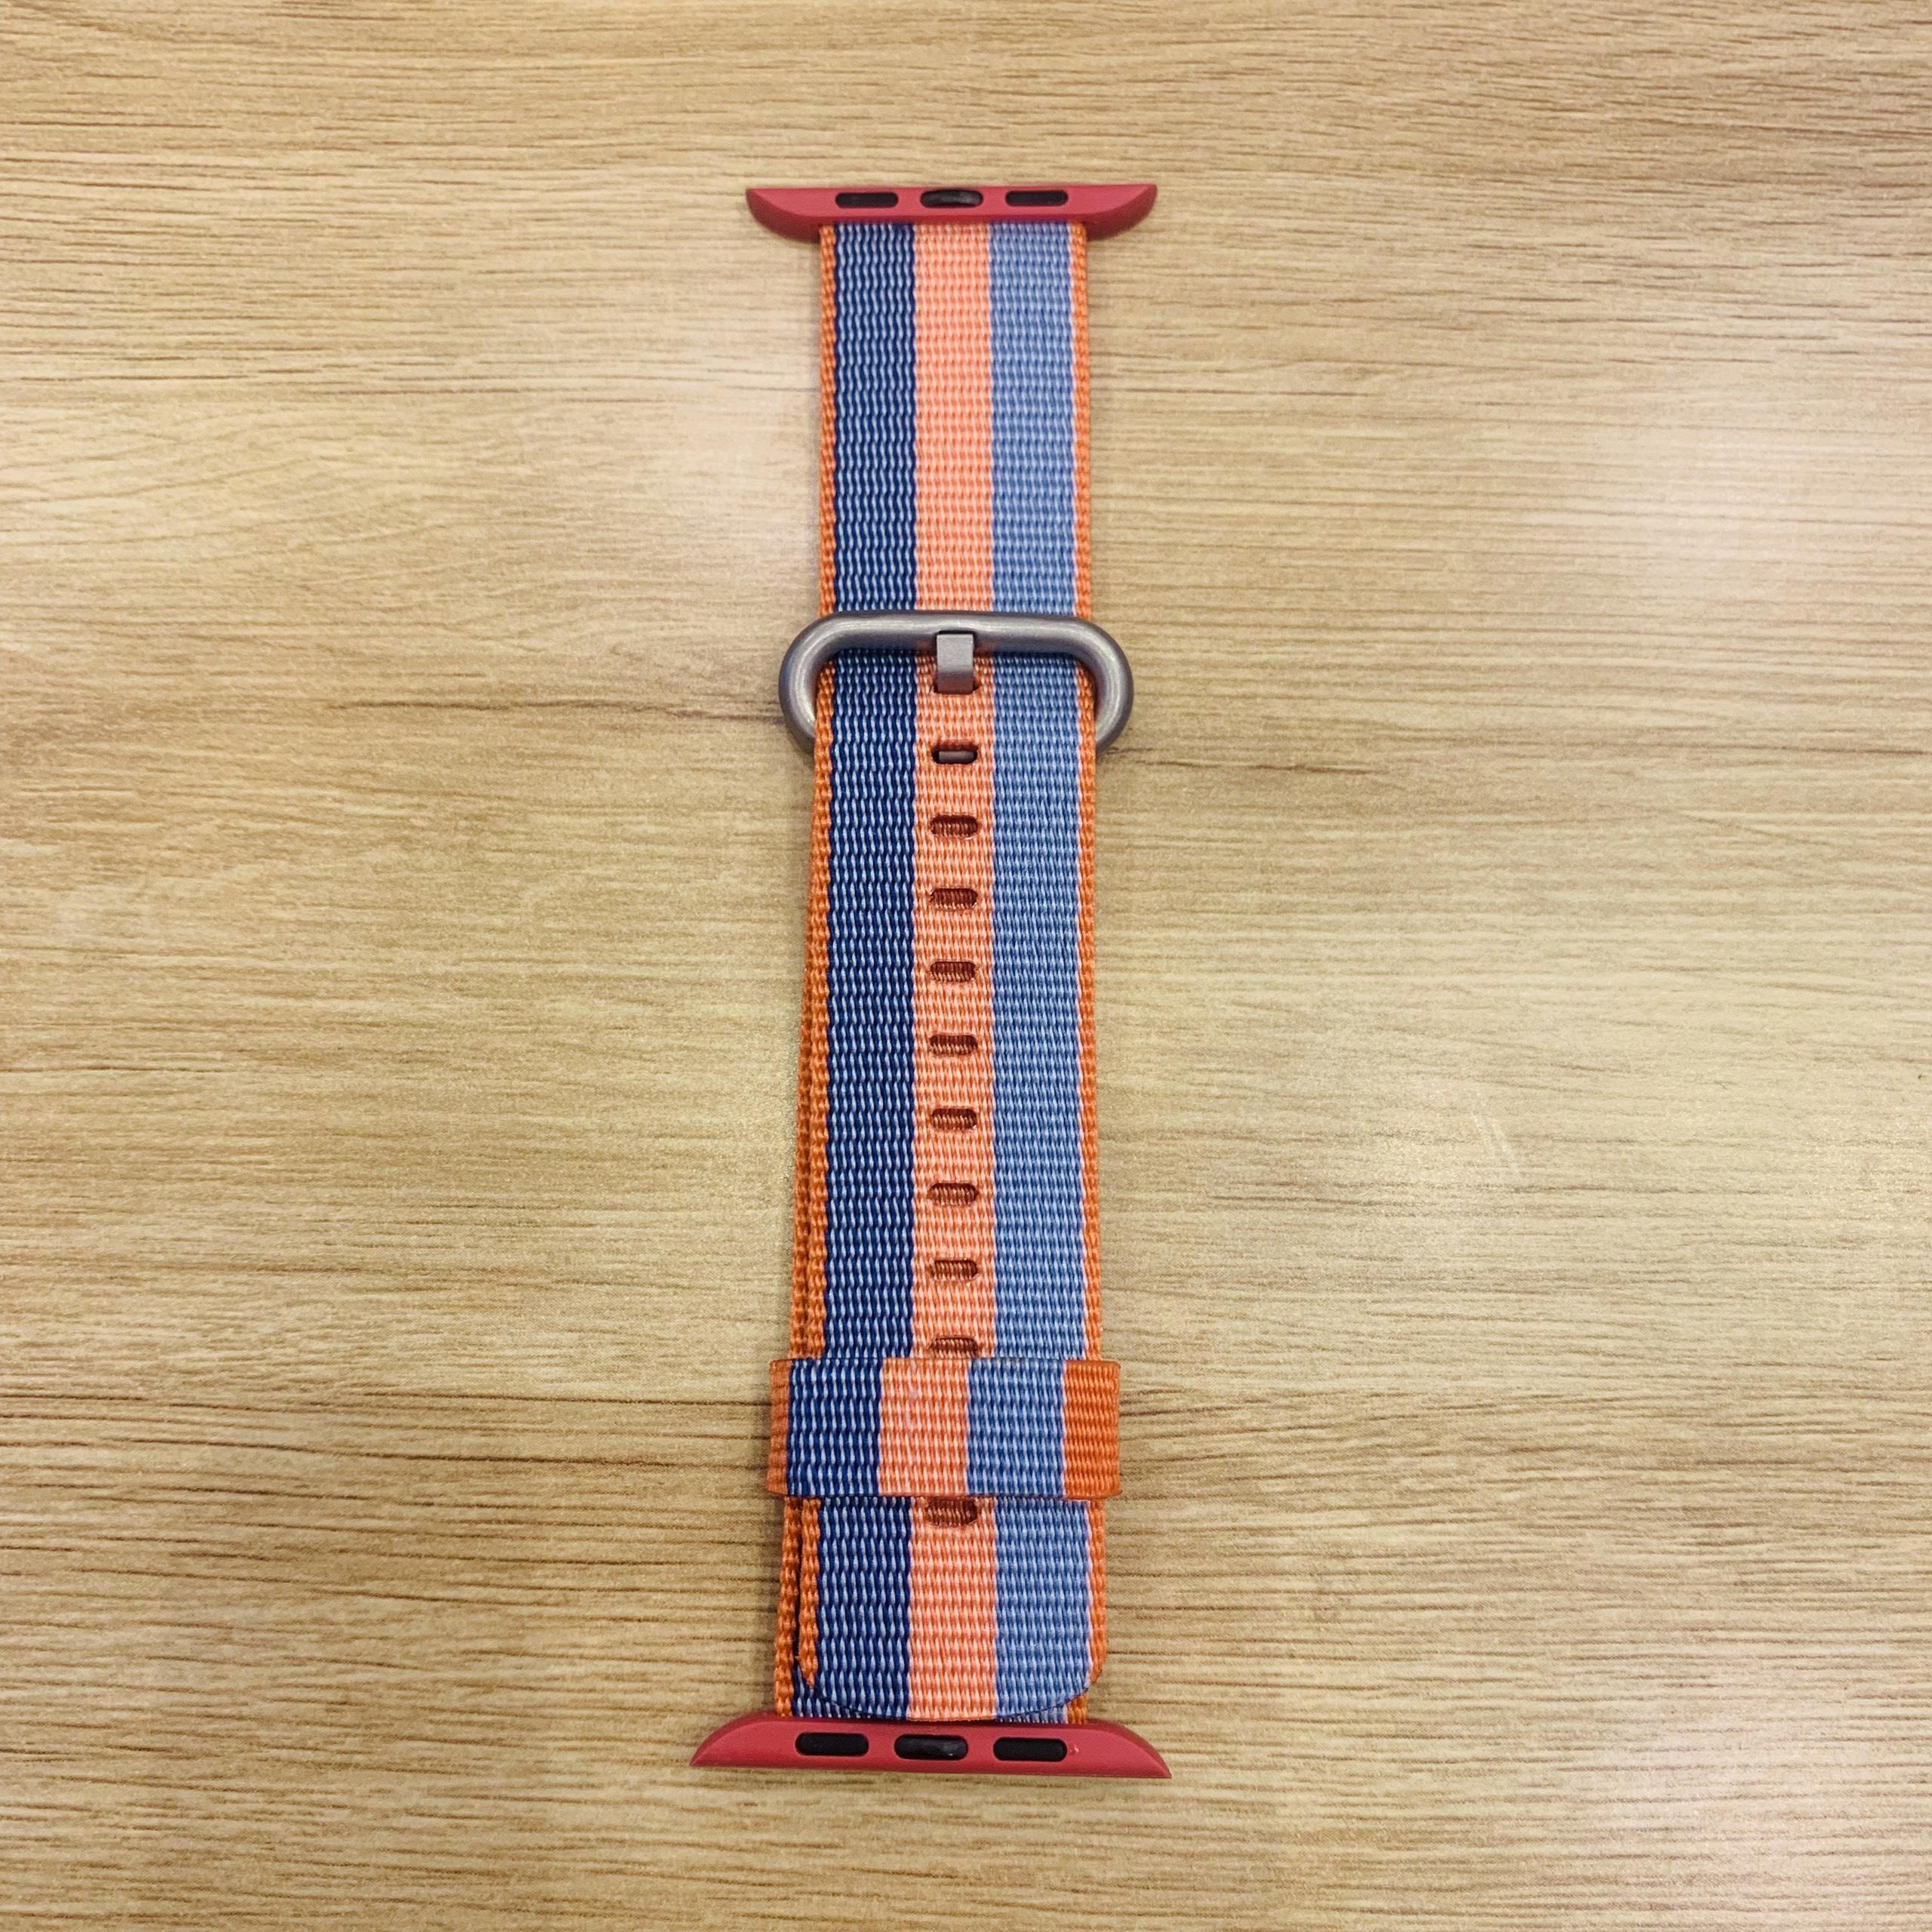 Dây Đeo Thay Thế Dành Cho Apple Watch - Woven Nylon